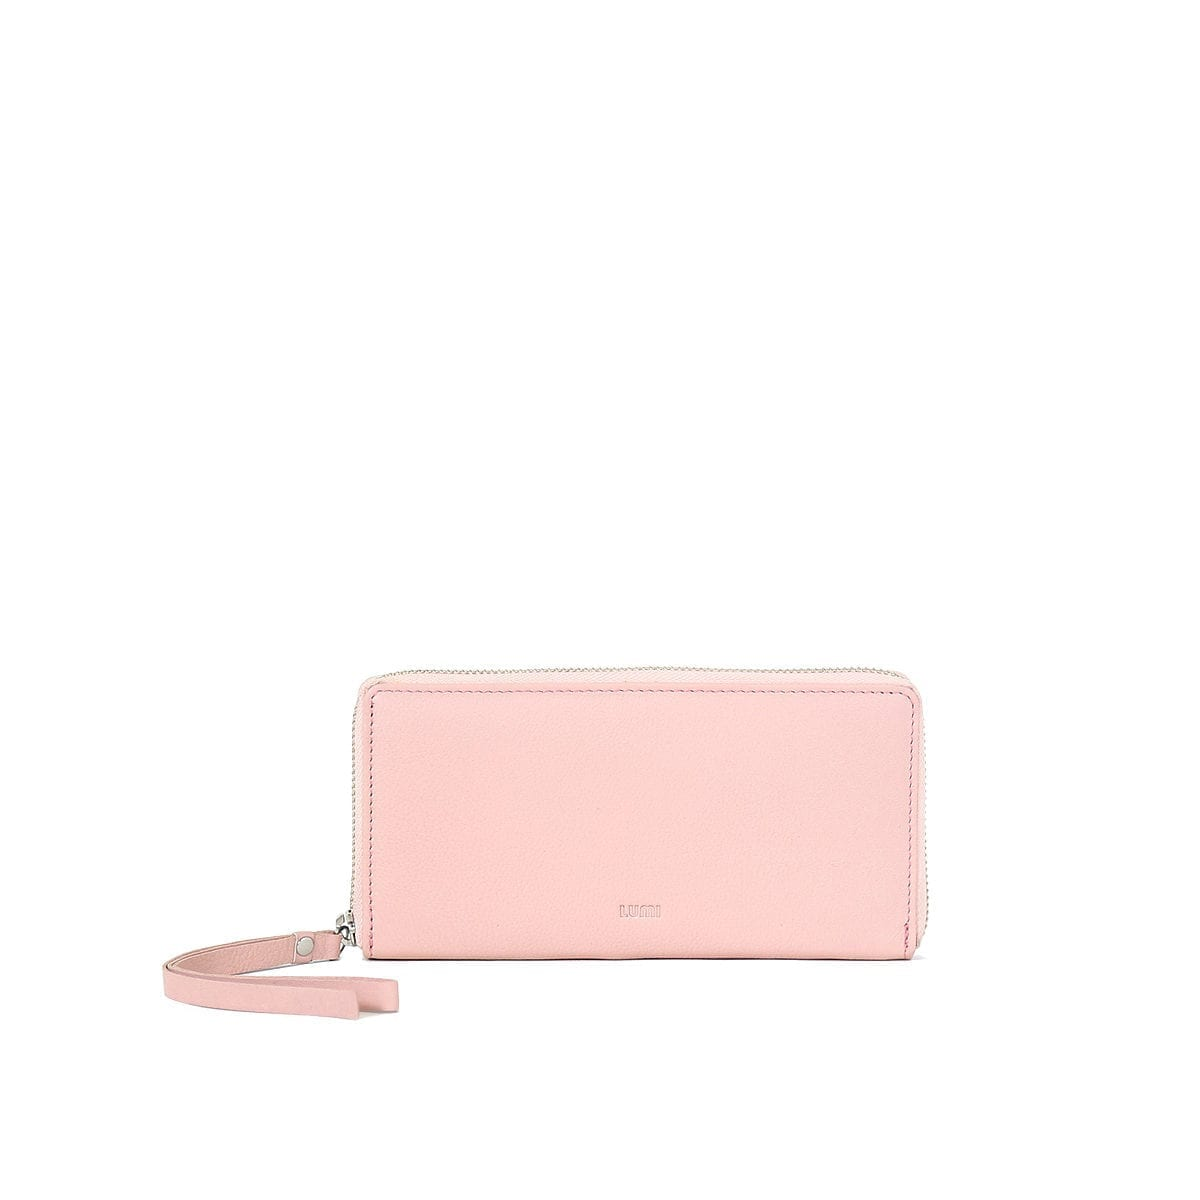 LUMI Large Ziparound Walet in Light Pink